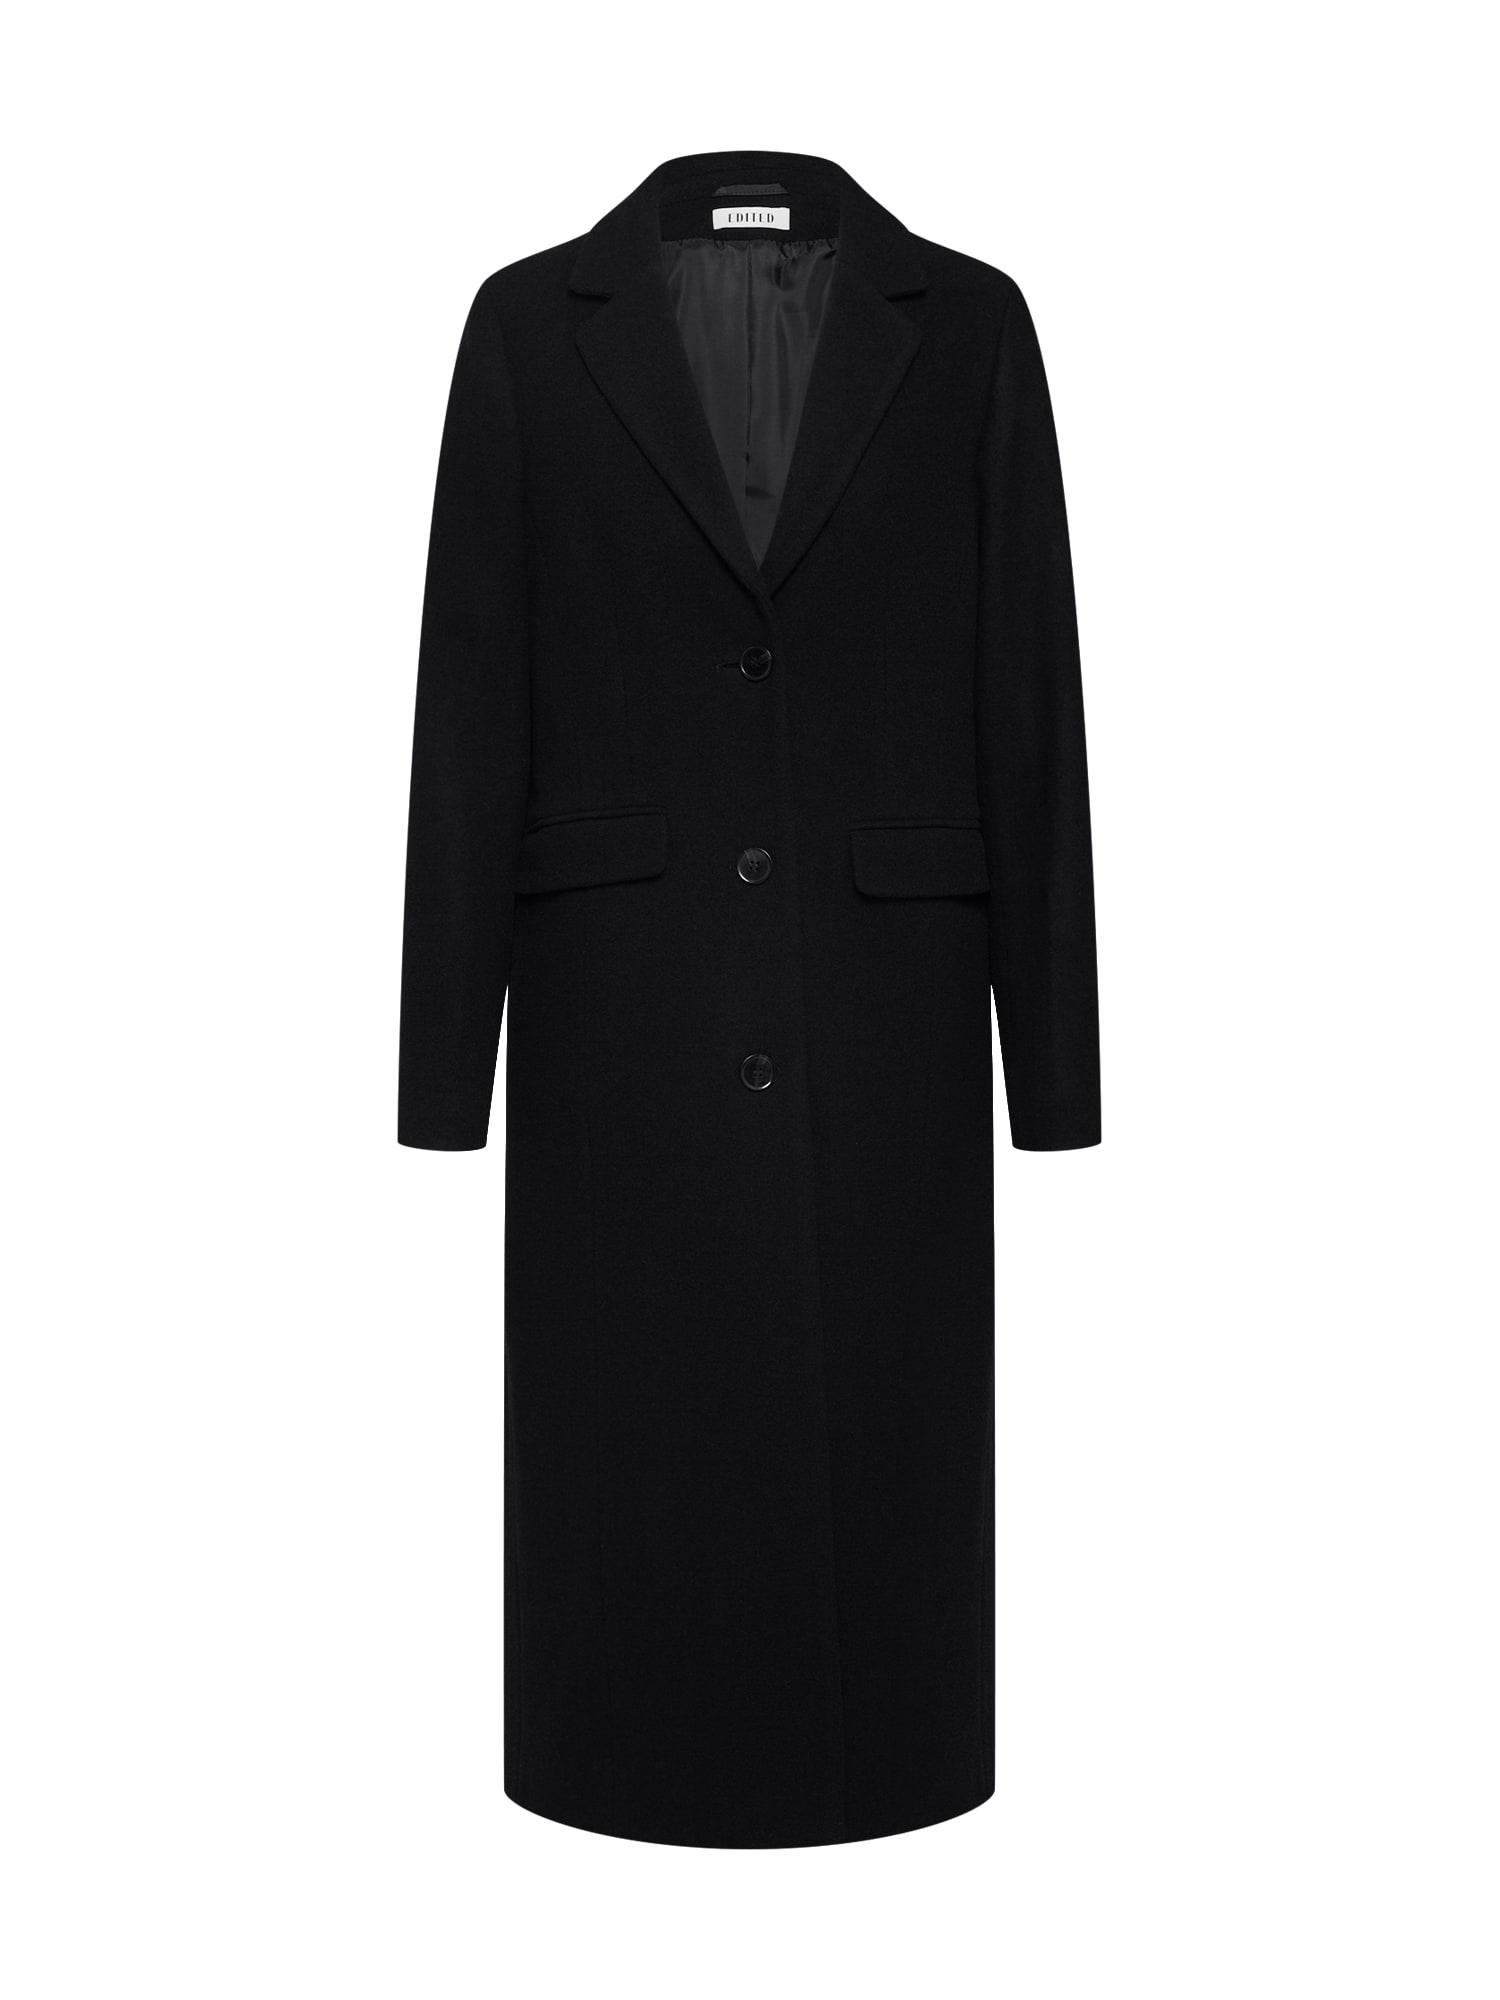 EDITED Rudeninis-žieminis paltas 'Airin' juoda